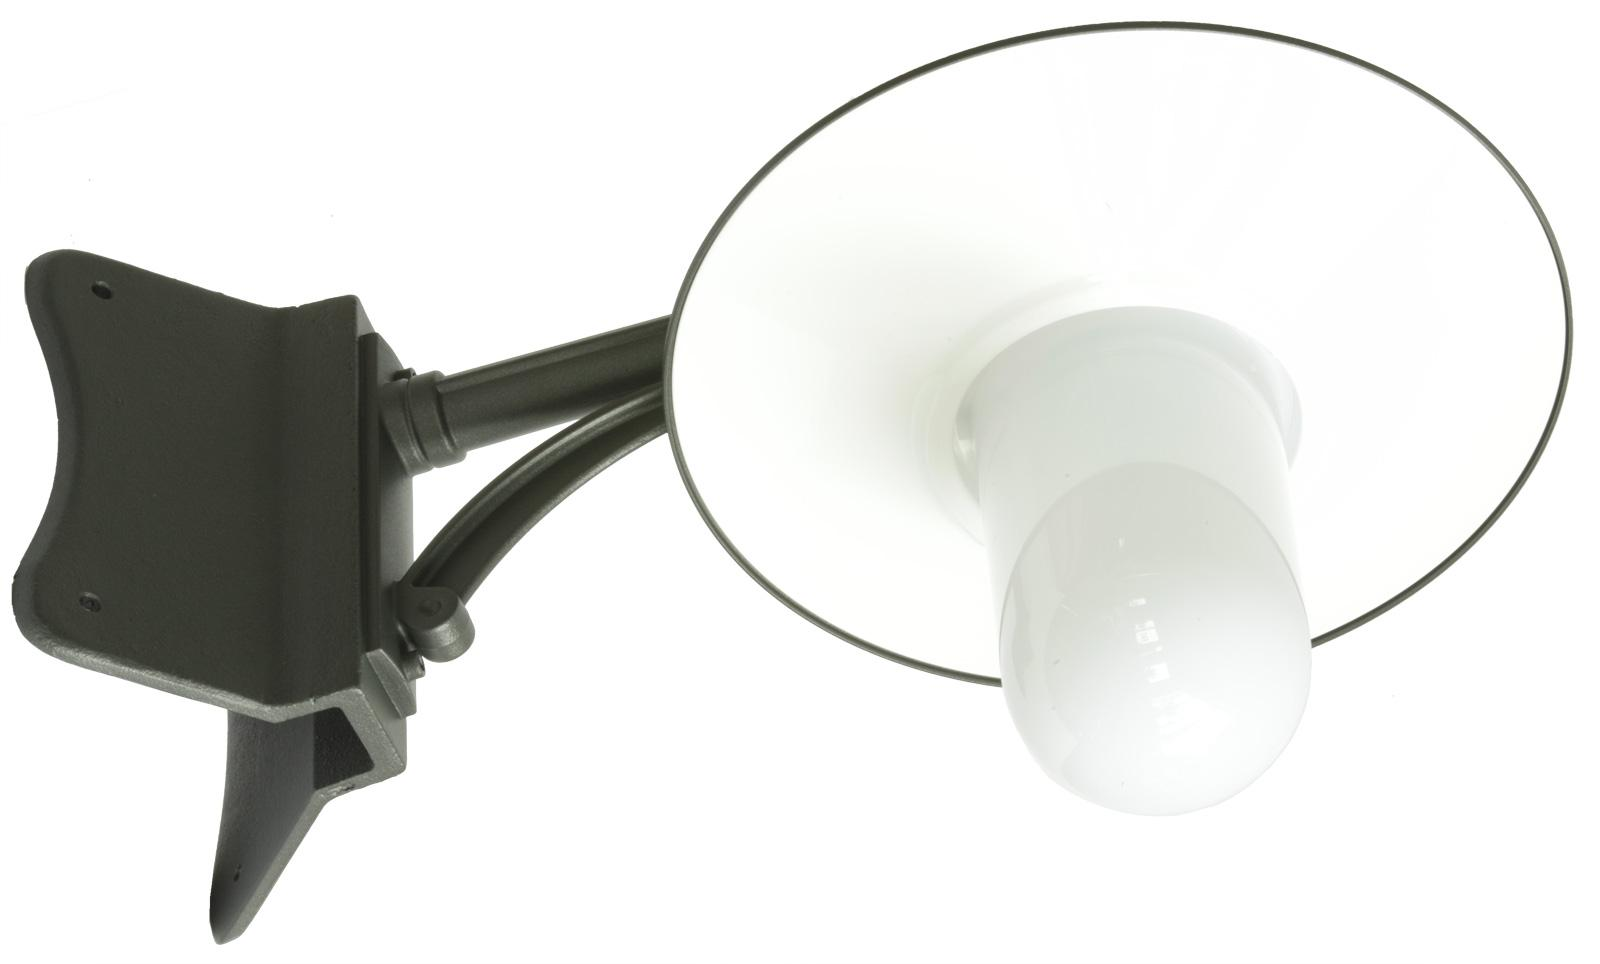 Ecklampe Außen Mit Bewegungsmelder